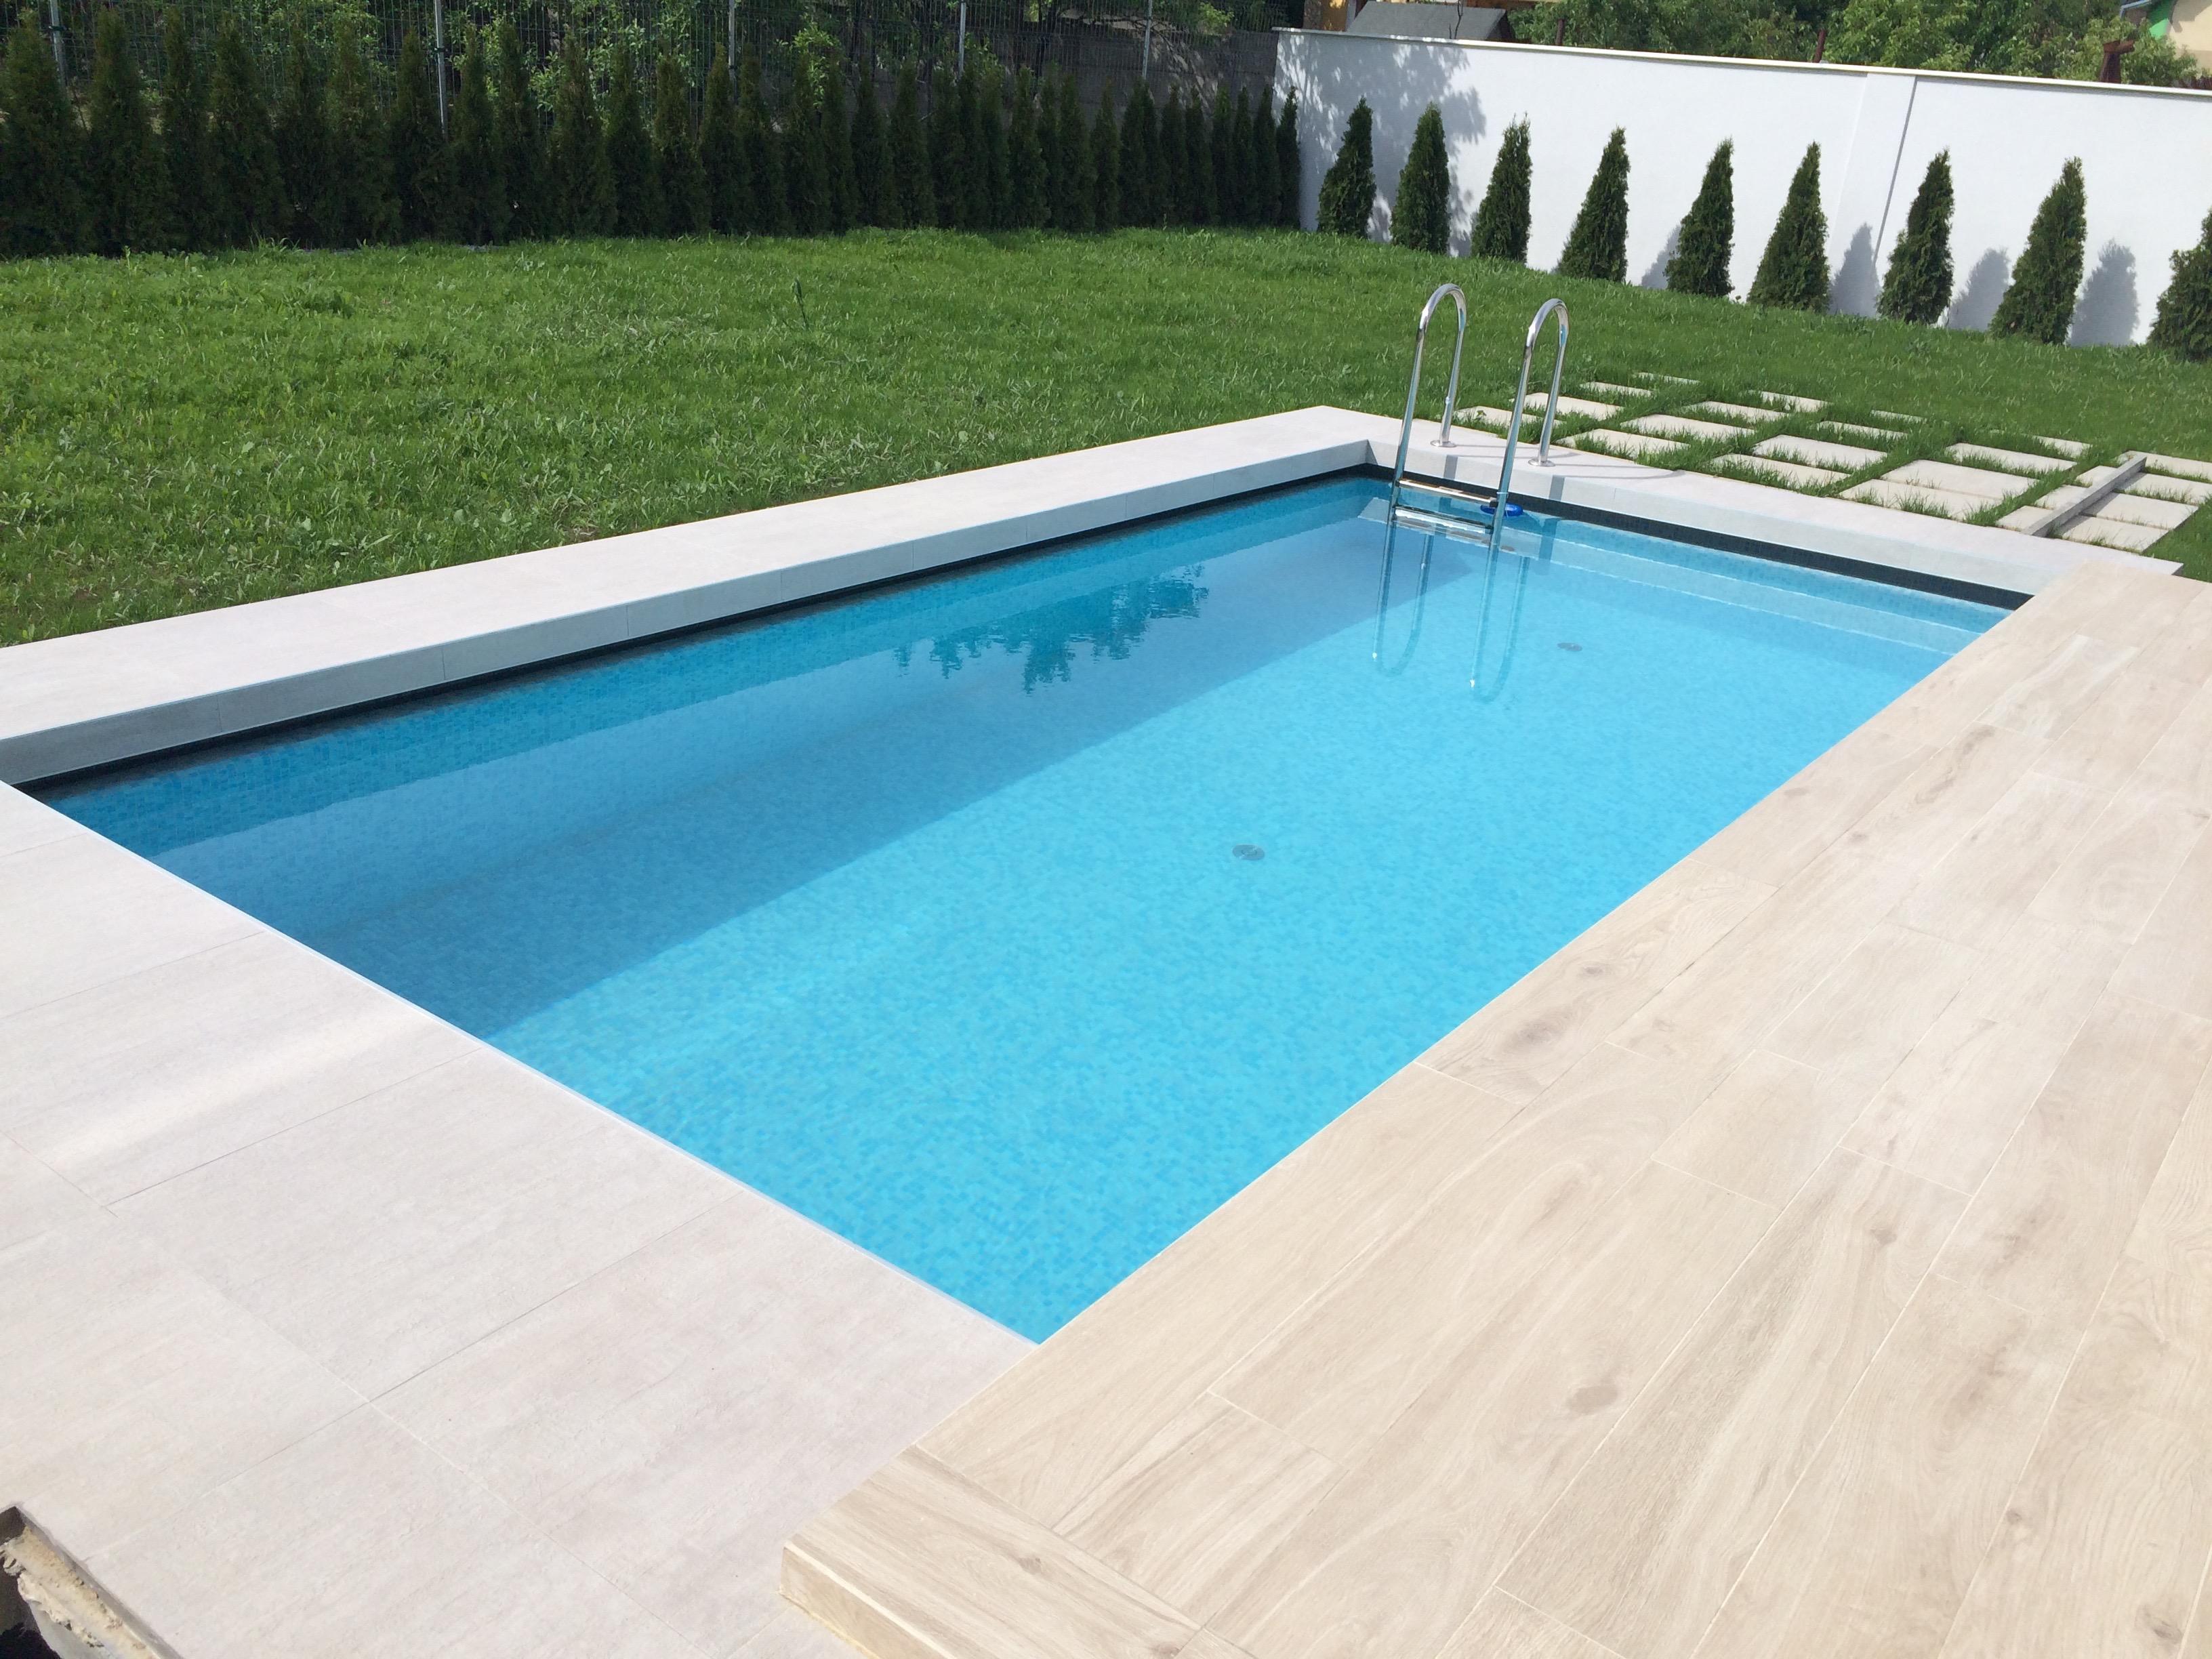 Lolas instal for Constructii piscine romania